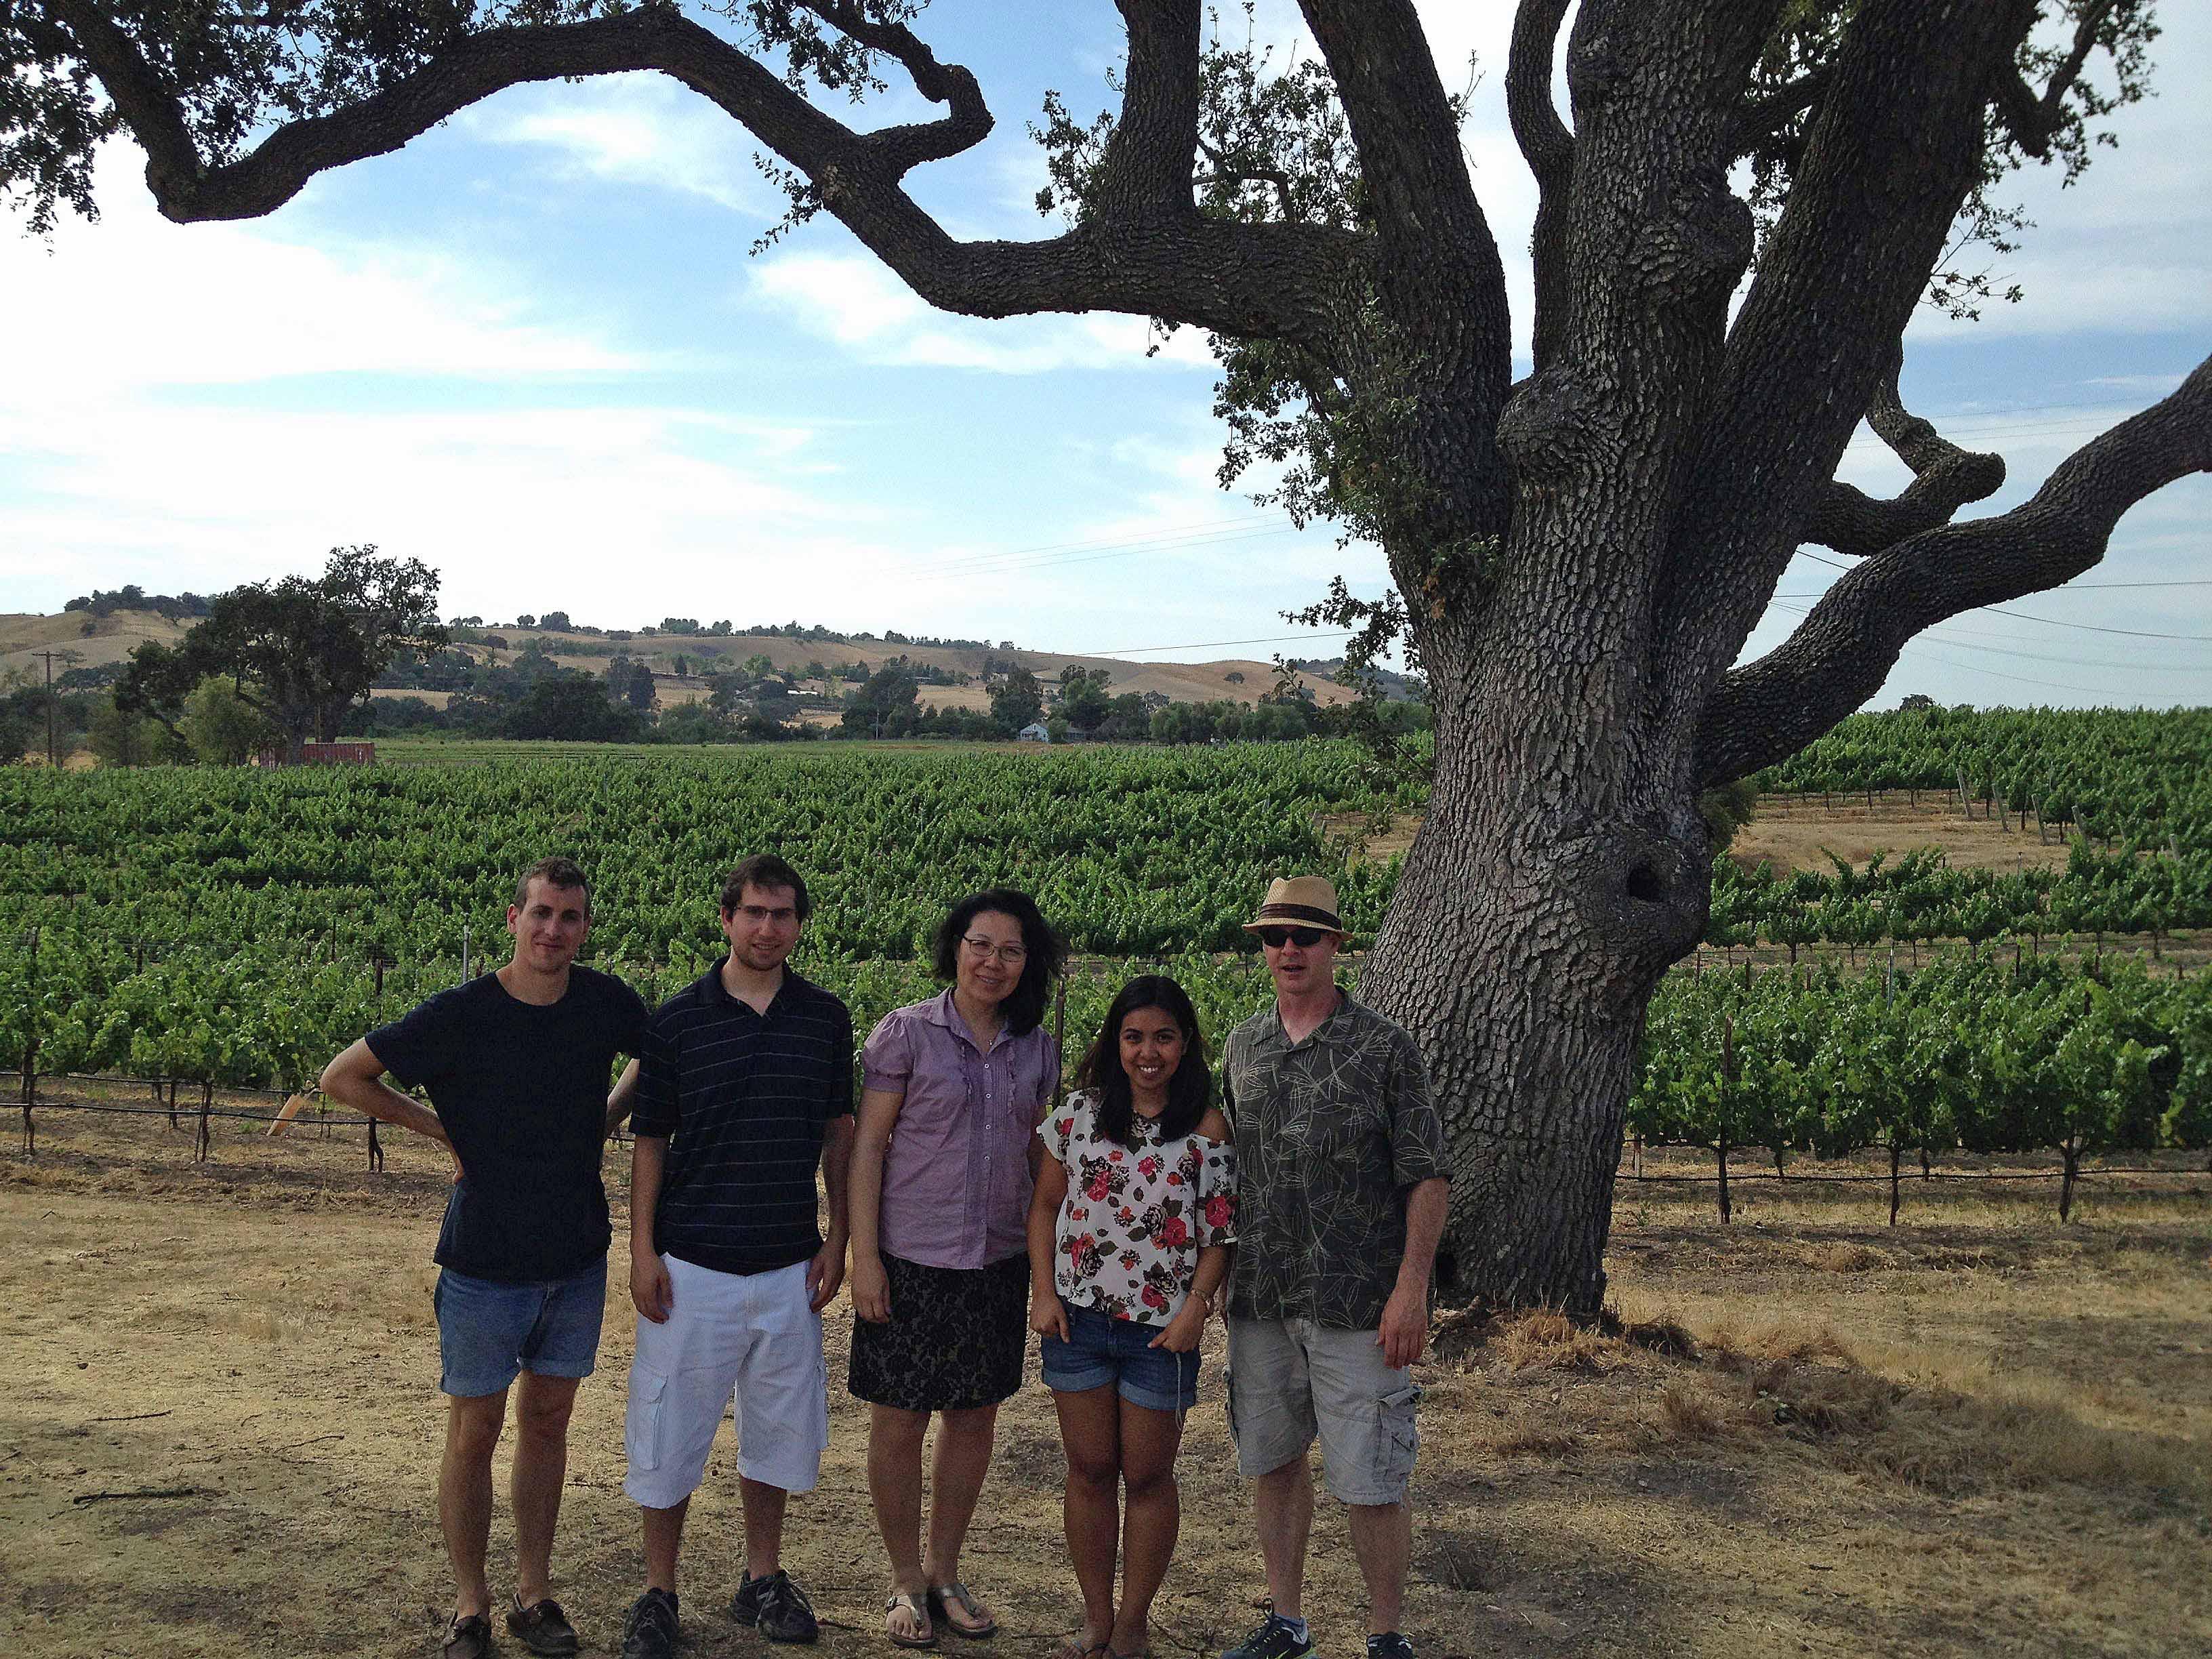 Visiting a winery at Santa Barbara County